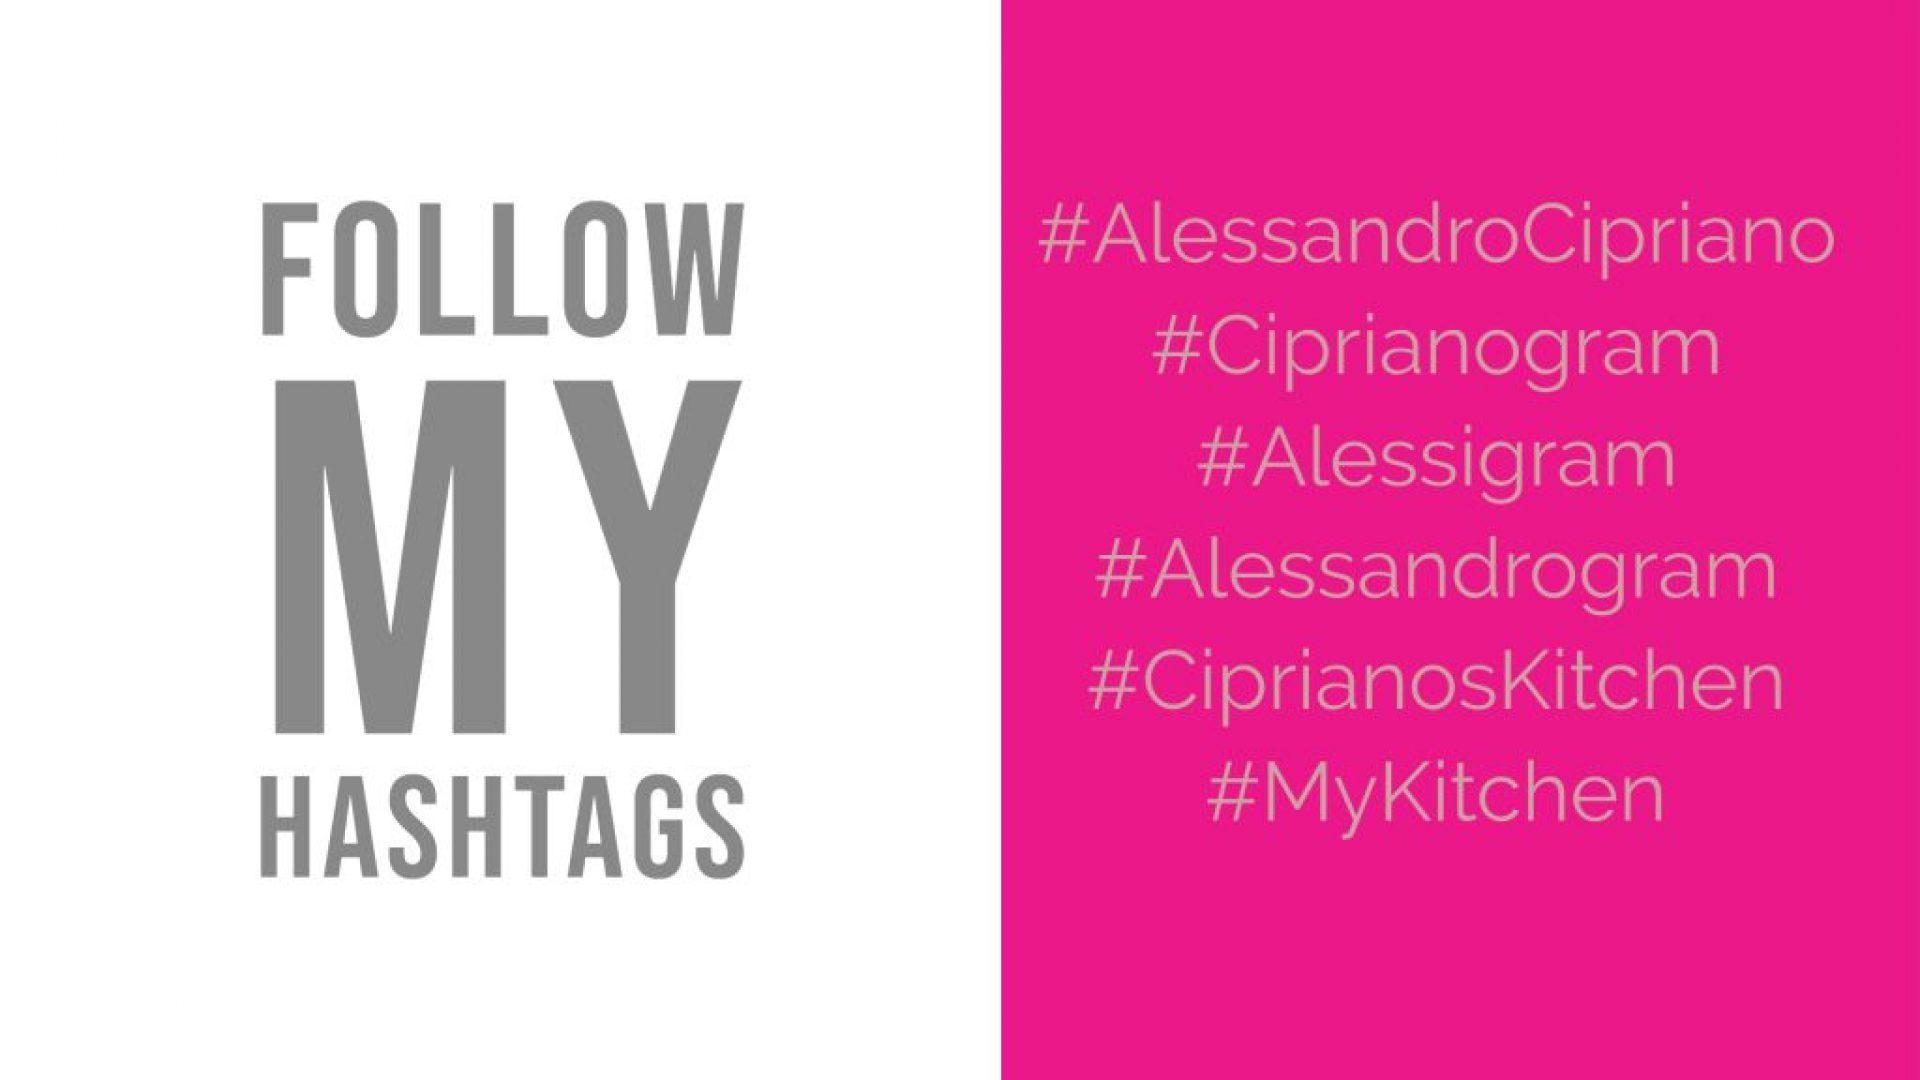 Follow my hashtags Alessandro Cipriano